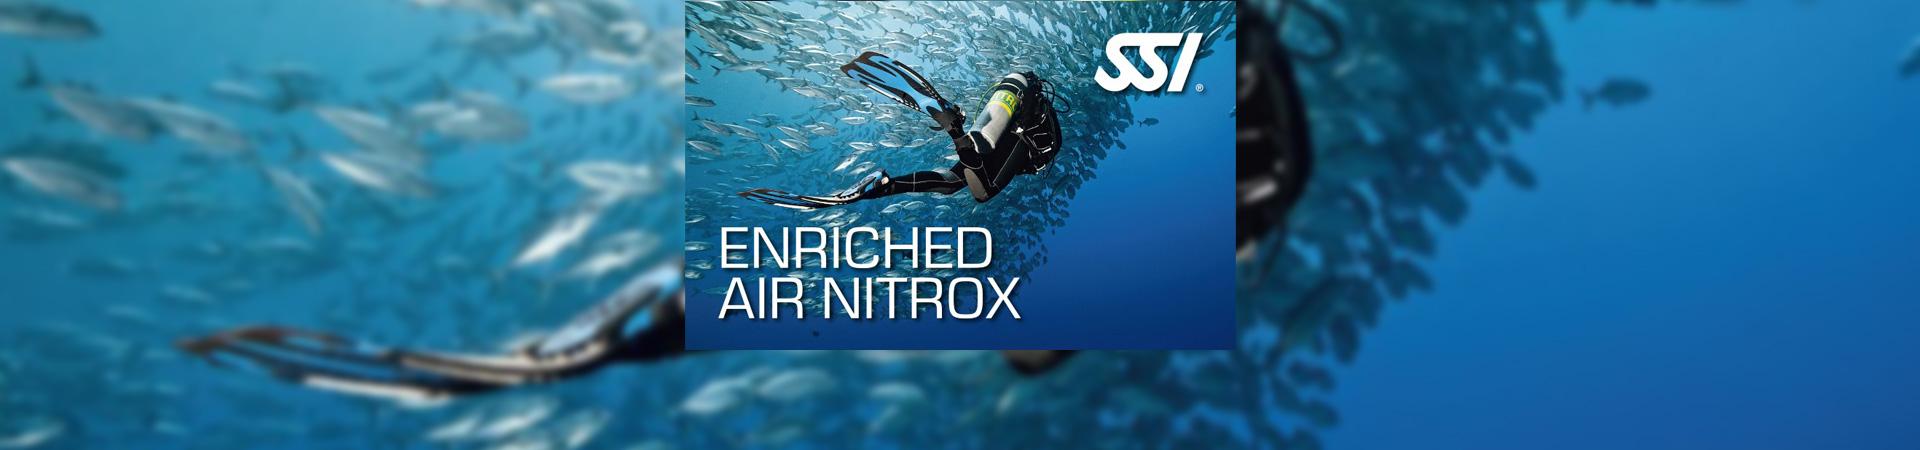 Nitrox Banner